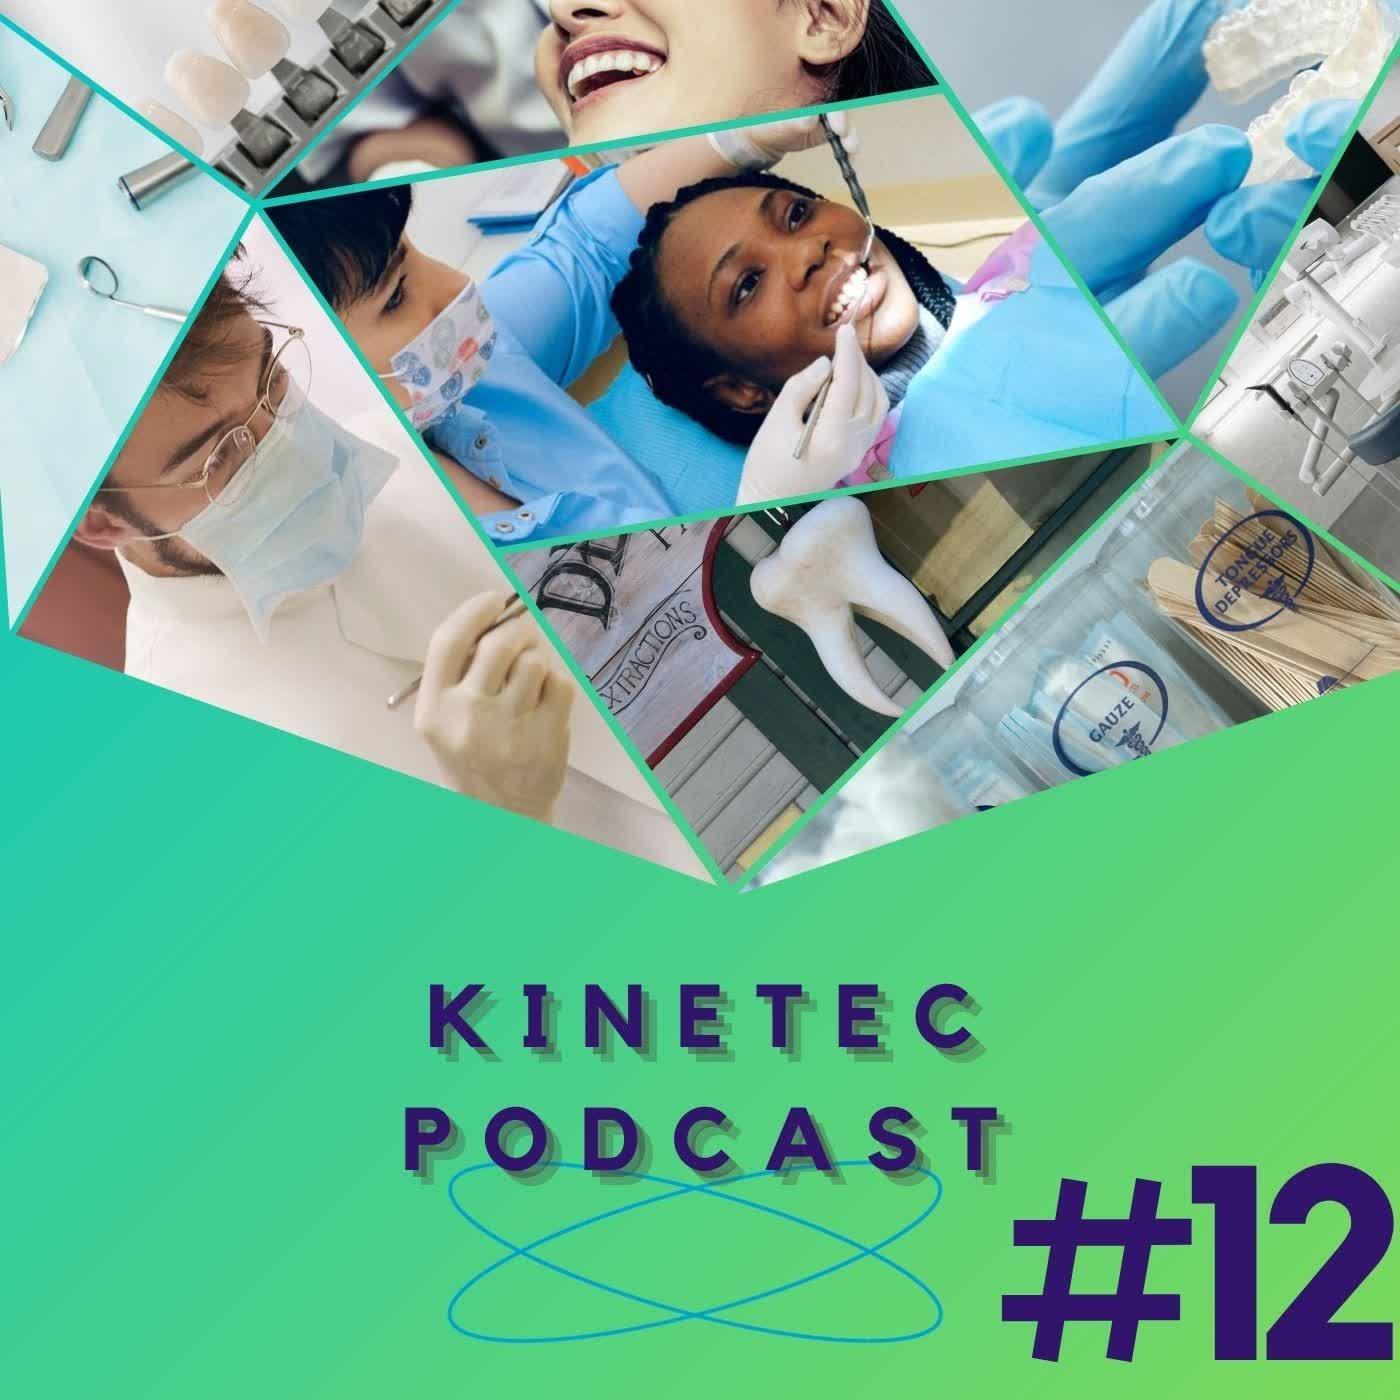 #12 Como provar que a reabilitação protética realmente funciona?